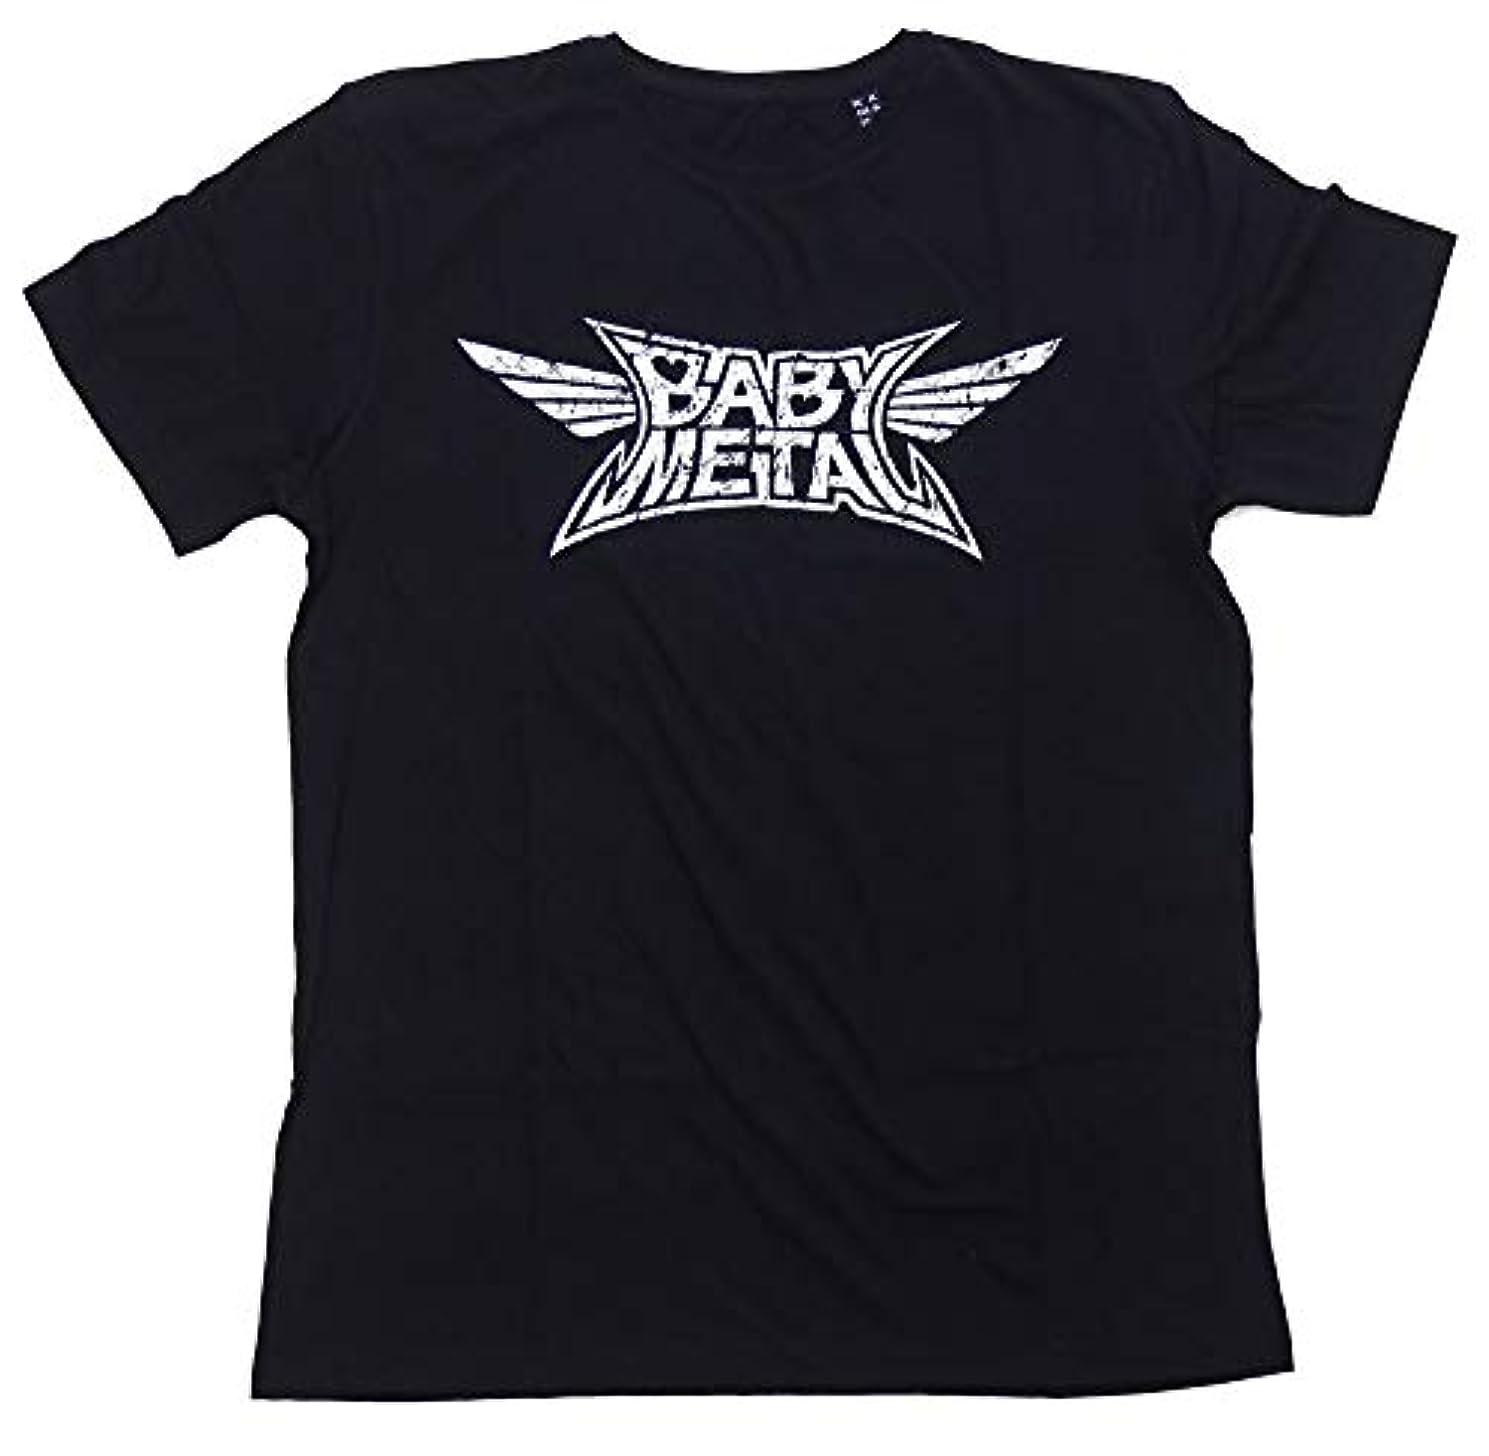 保安哲学的無駄にベビーメタル?BABYMETAL?LOGO?Tシャツ?UK版?オフィシャル バンドTシャツ?ロックTシャツ